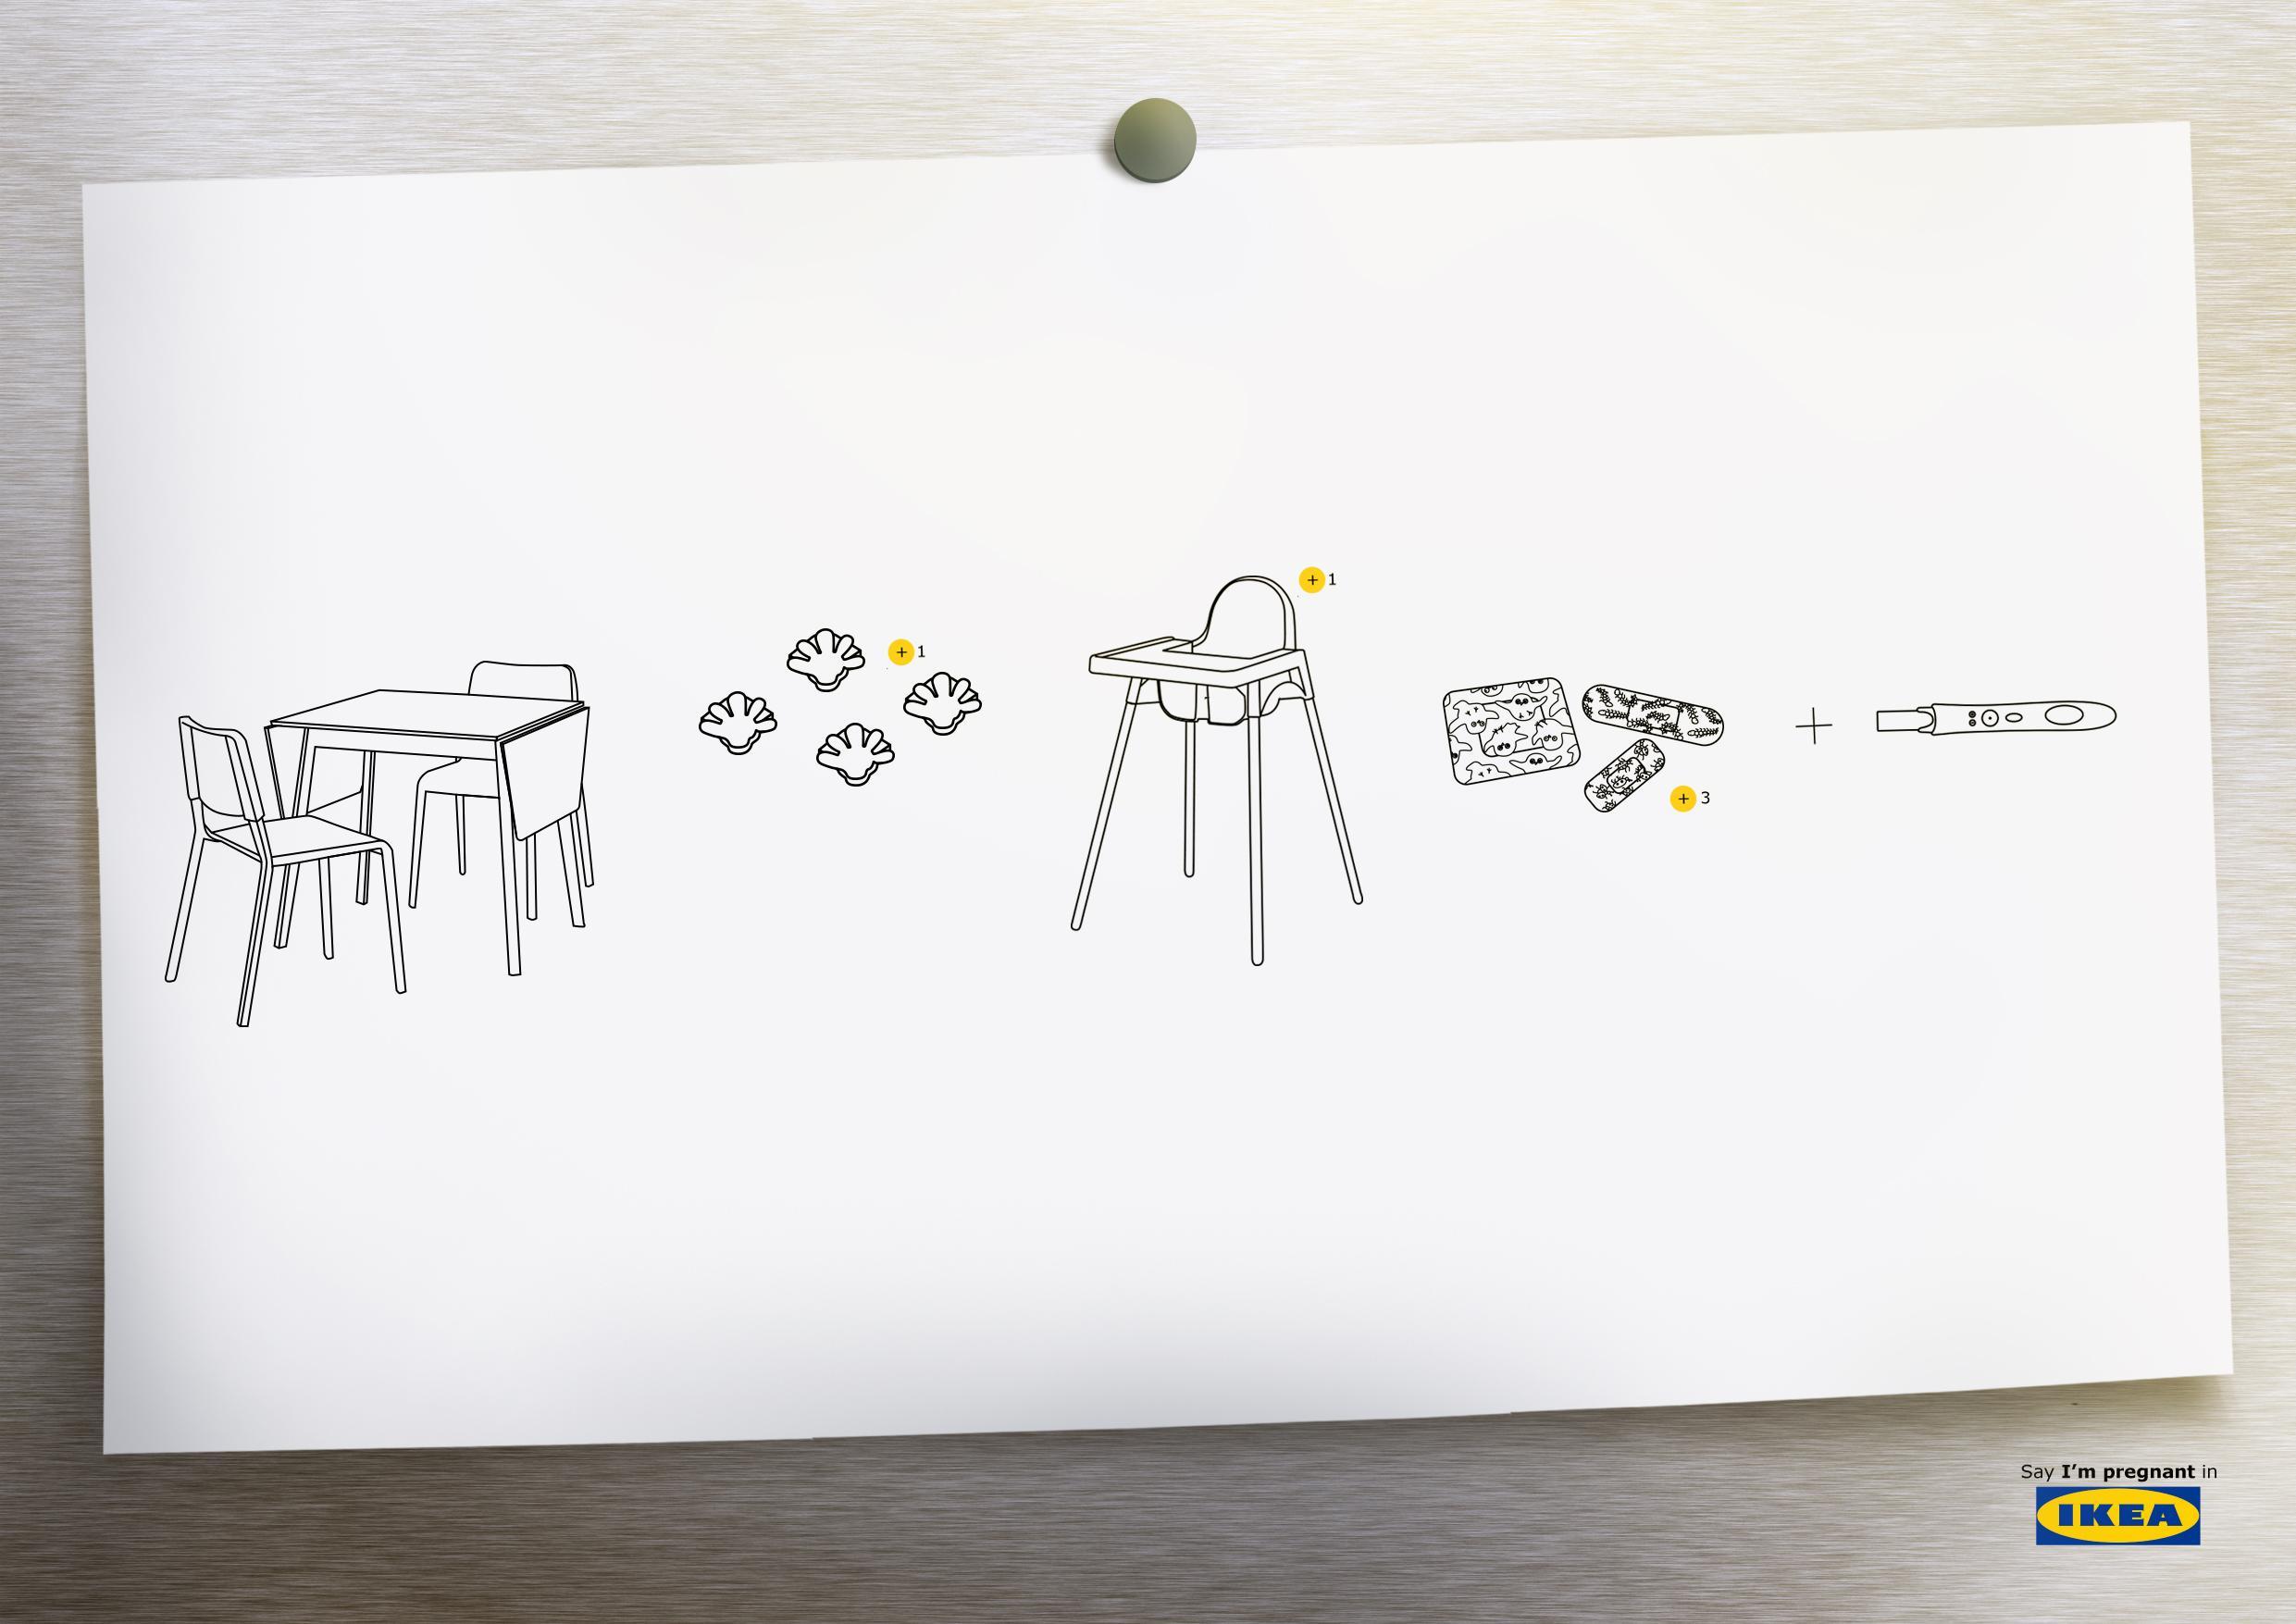 IKEA Print Ad - Say It In IKEA, 3